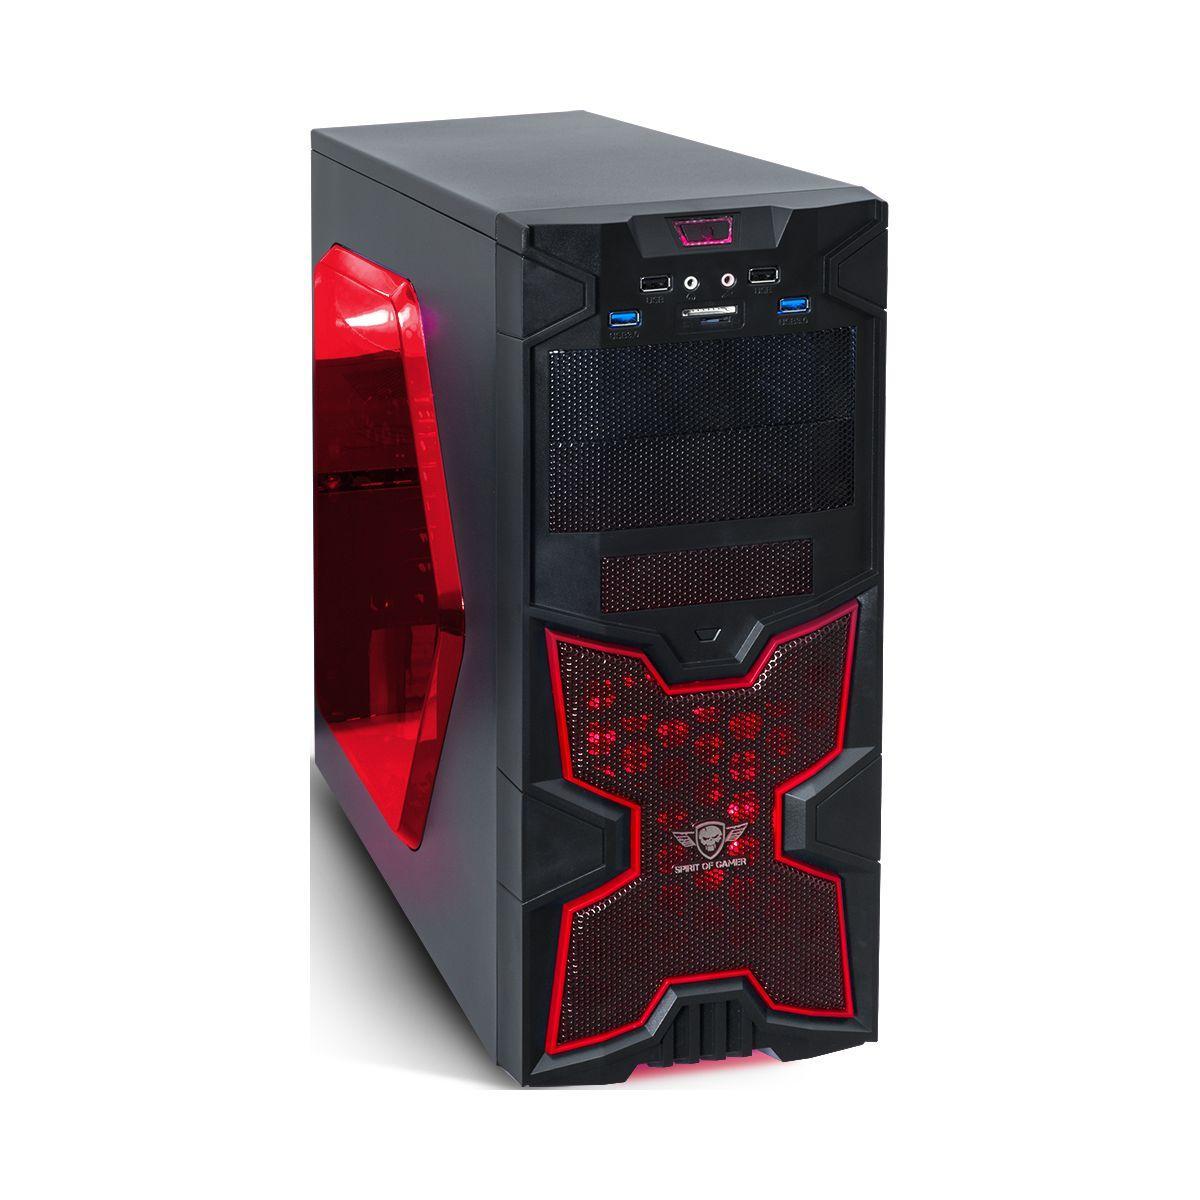 Boîtier spirit of gamer x-fighters 41 re - 7% de remise immédiate avec le code : cool7 (photo)